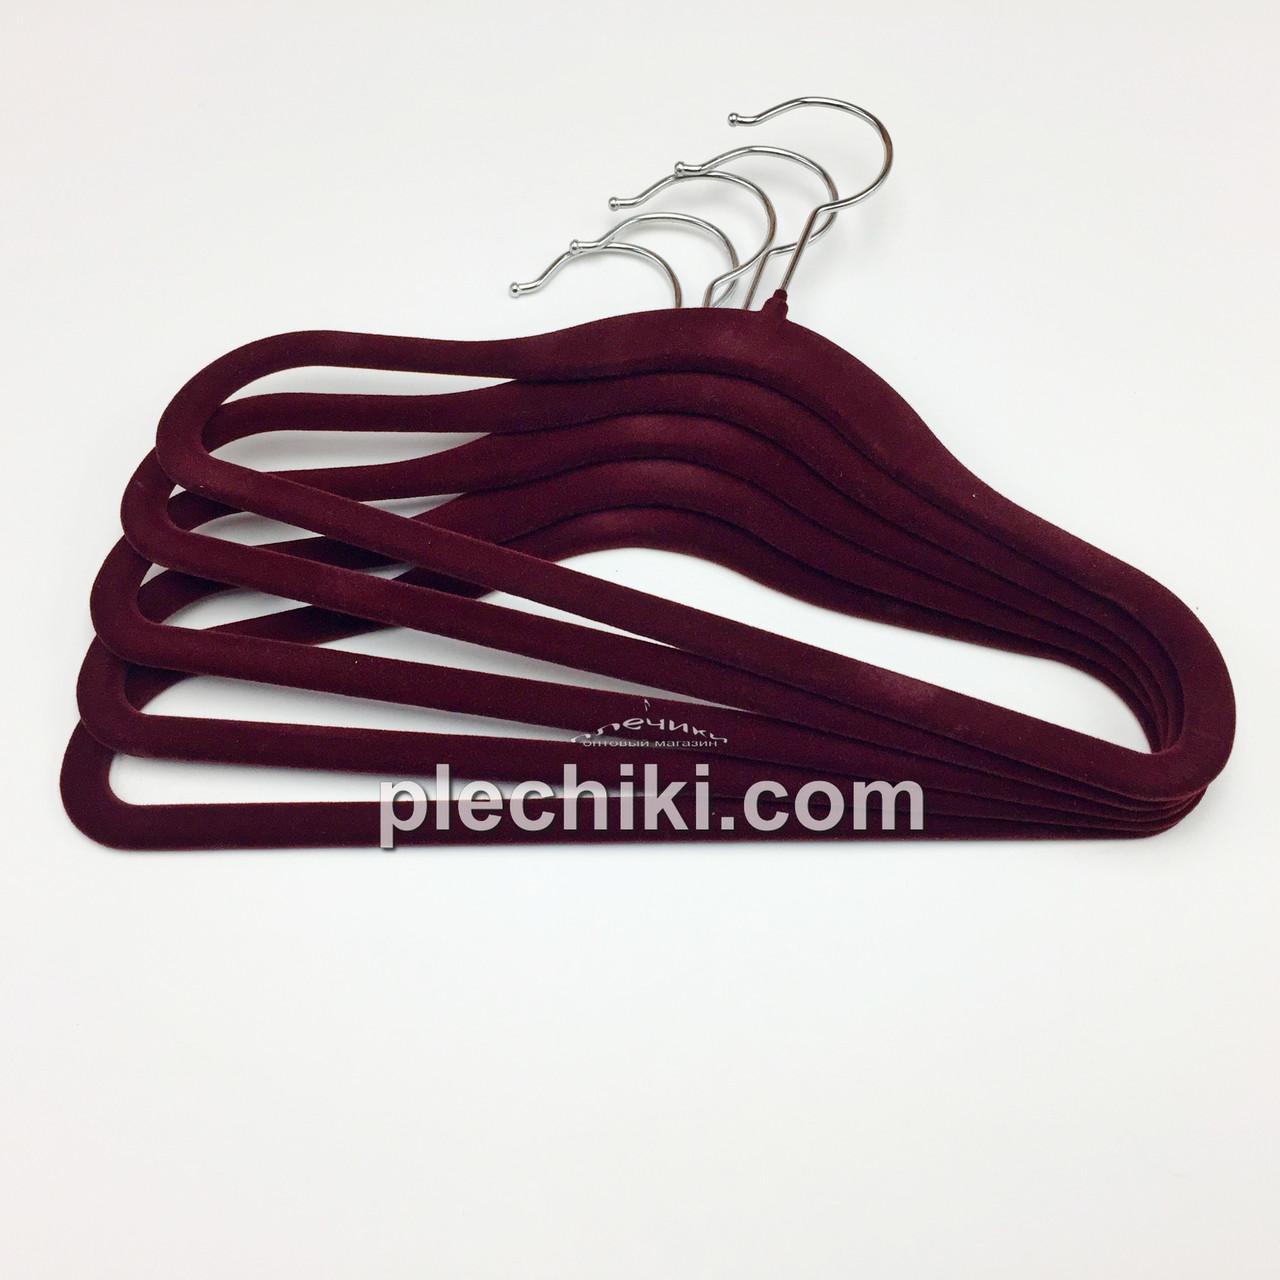 Плечики вешалки детские флокированные (бархатные, велюровые) бордового цвета, длина 280 мм